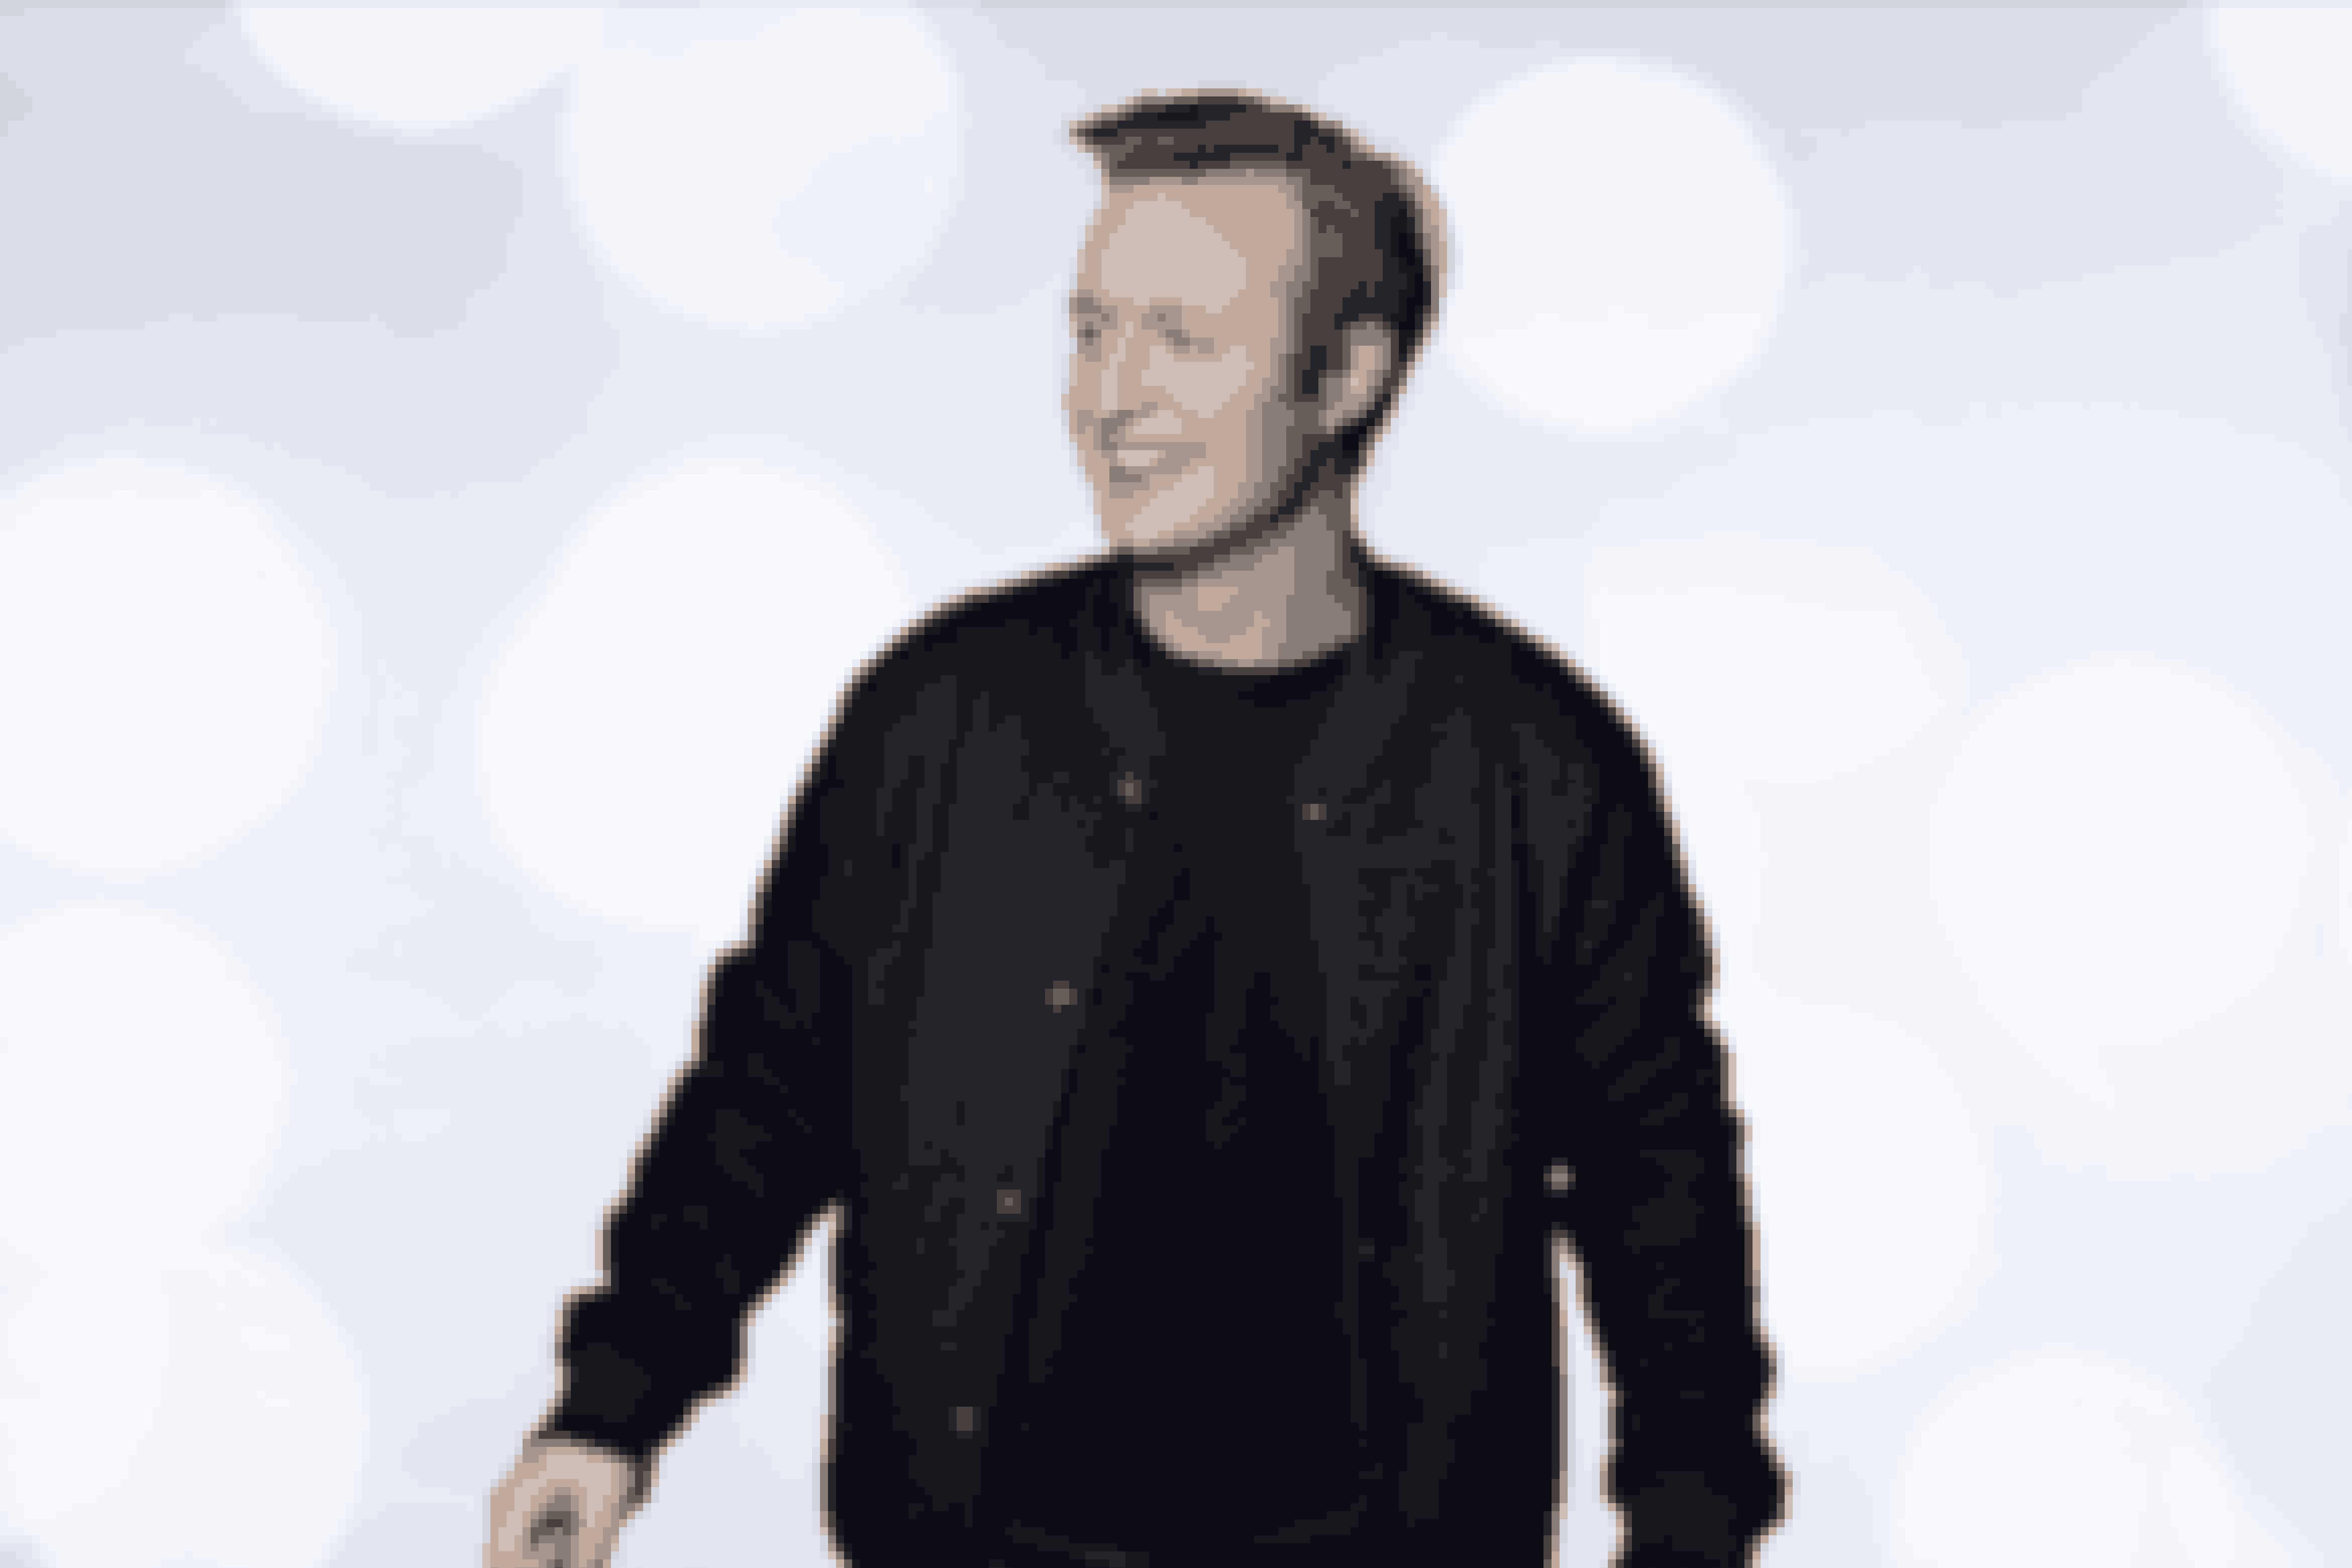 """Sang nummer 3: """"Hold My Breath""""Solist: Rasmus FaartoftAlder: 25 årGrand Prix-favorit: - Tommy Seebach med """"Under Stjernerne på Himlen"""". Det er bare sådan et flot nummer.Sceneerfaring: Rasmus har medvirket i flere populære musicals på Fredericia Teater: """"Shu-bi-dua – The Musical"""", """"Klokkeren fra Notre Dame"""" og """"Seebach""""."""